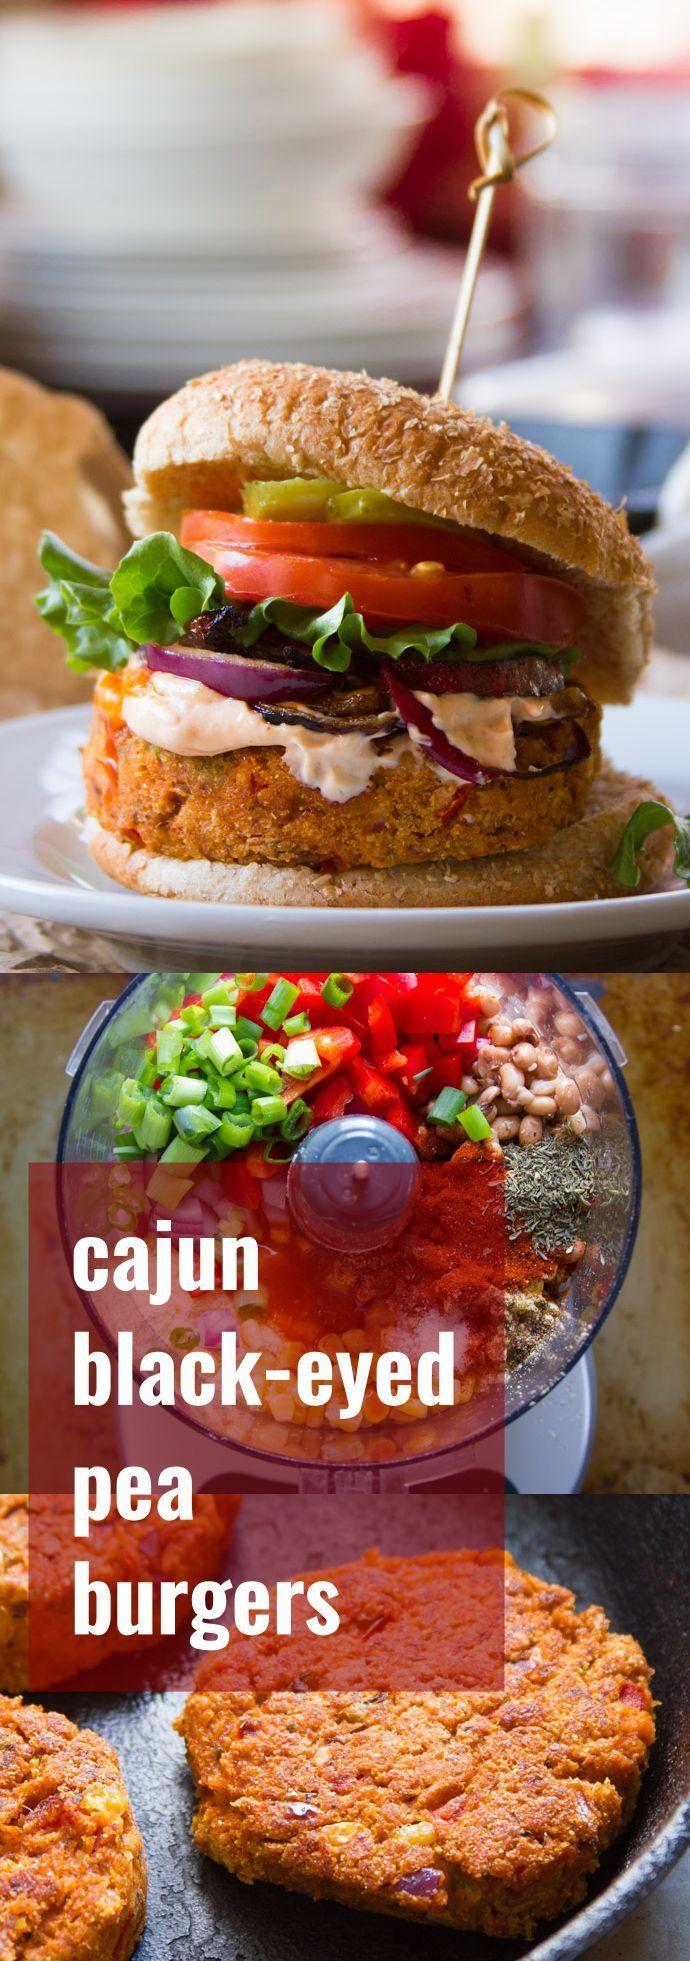 Cajun Black-Eyed Pea Burgers #blackeyedpeasrecipe